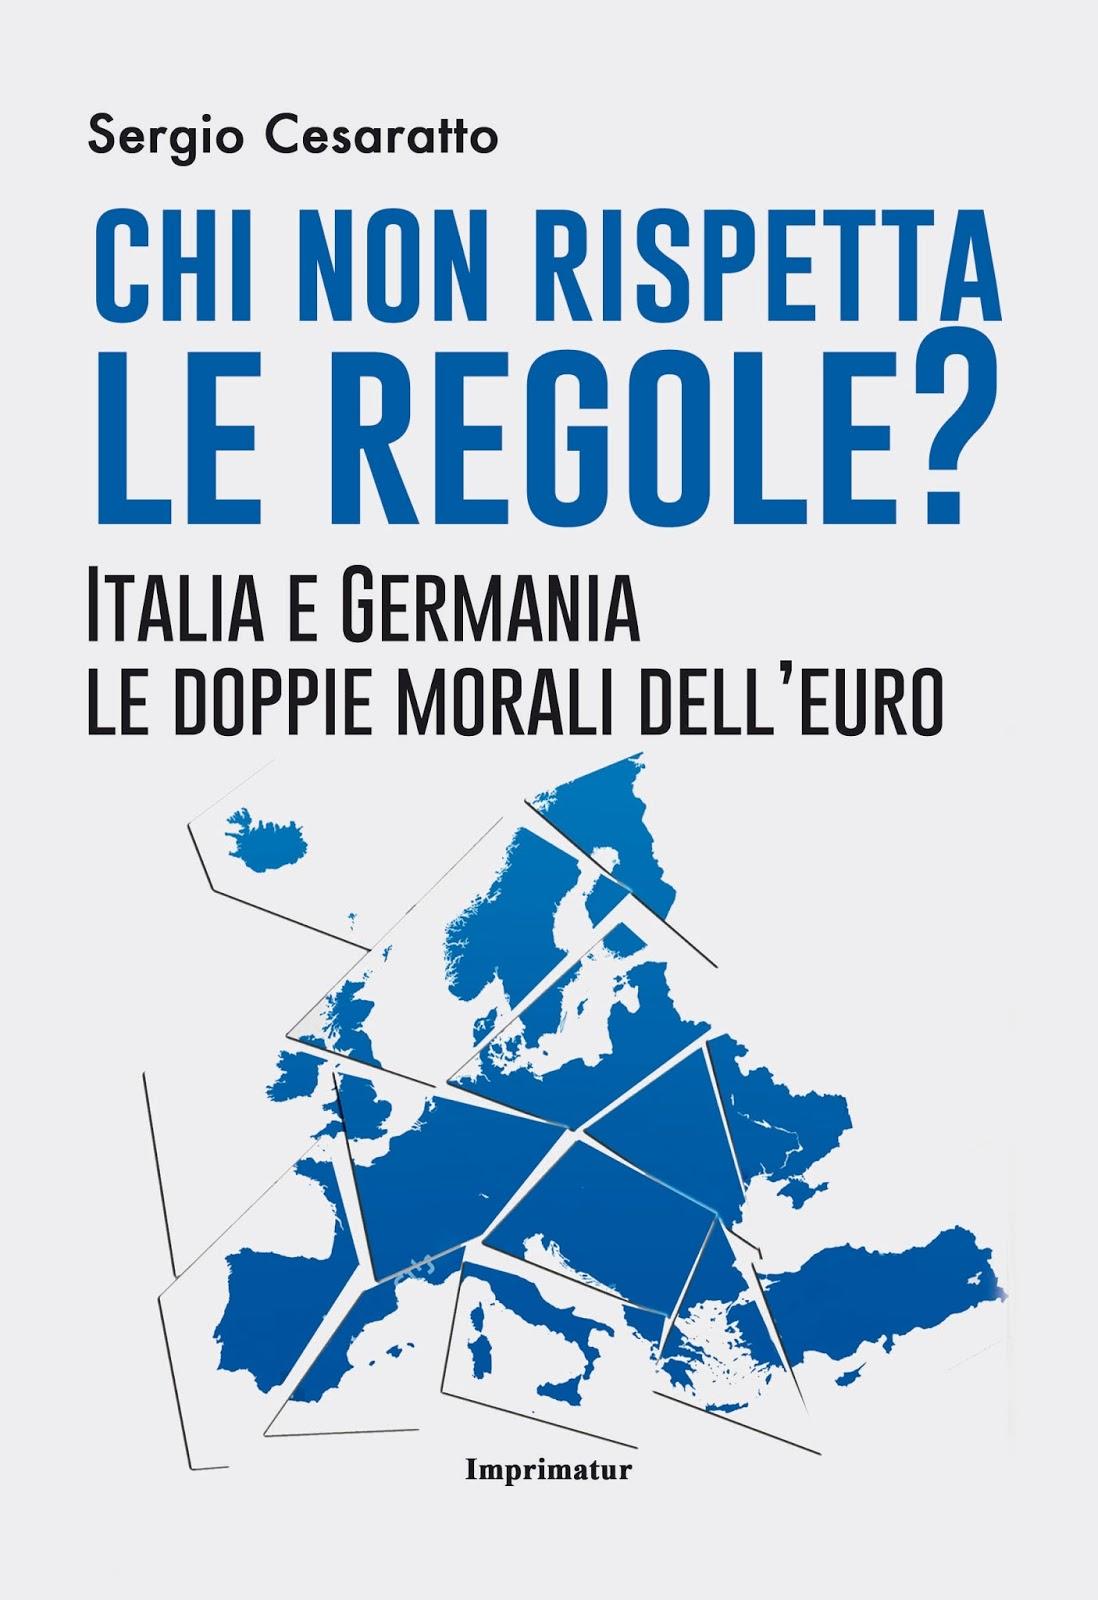 Le doppie morali della crisi europea